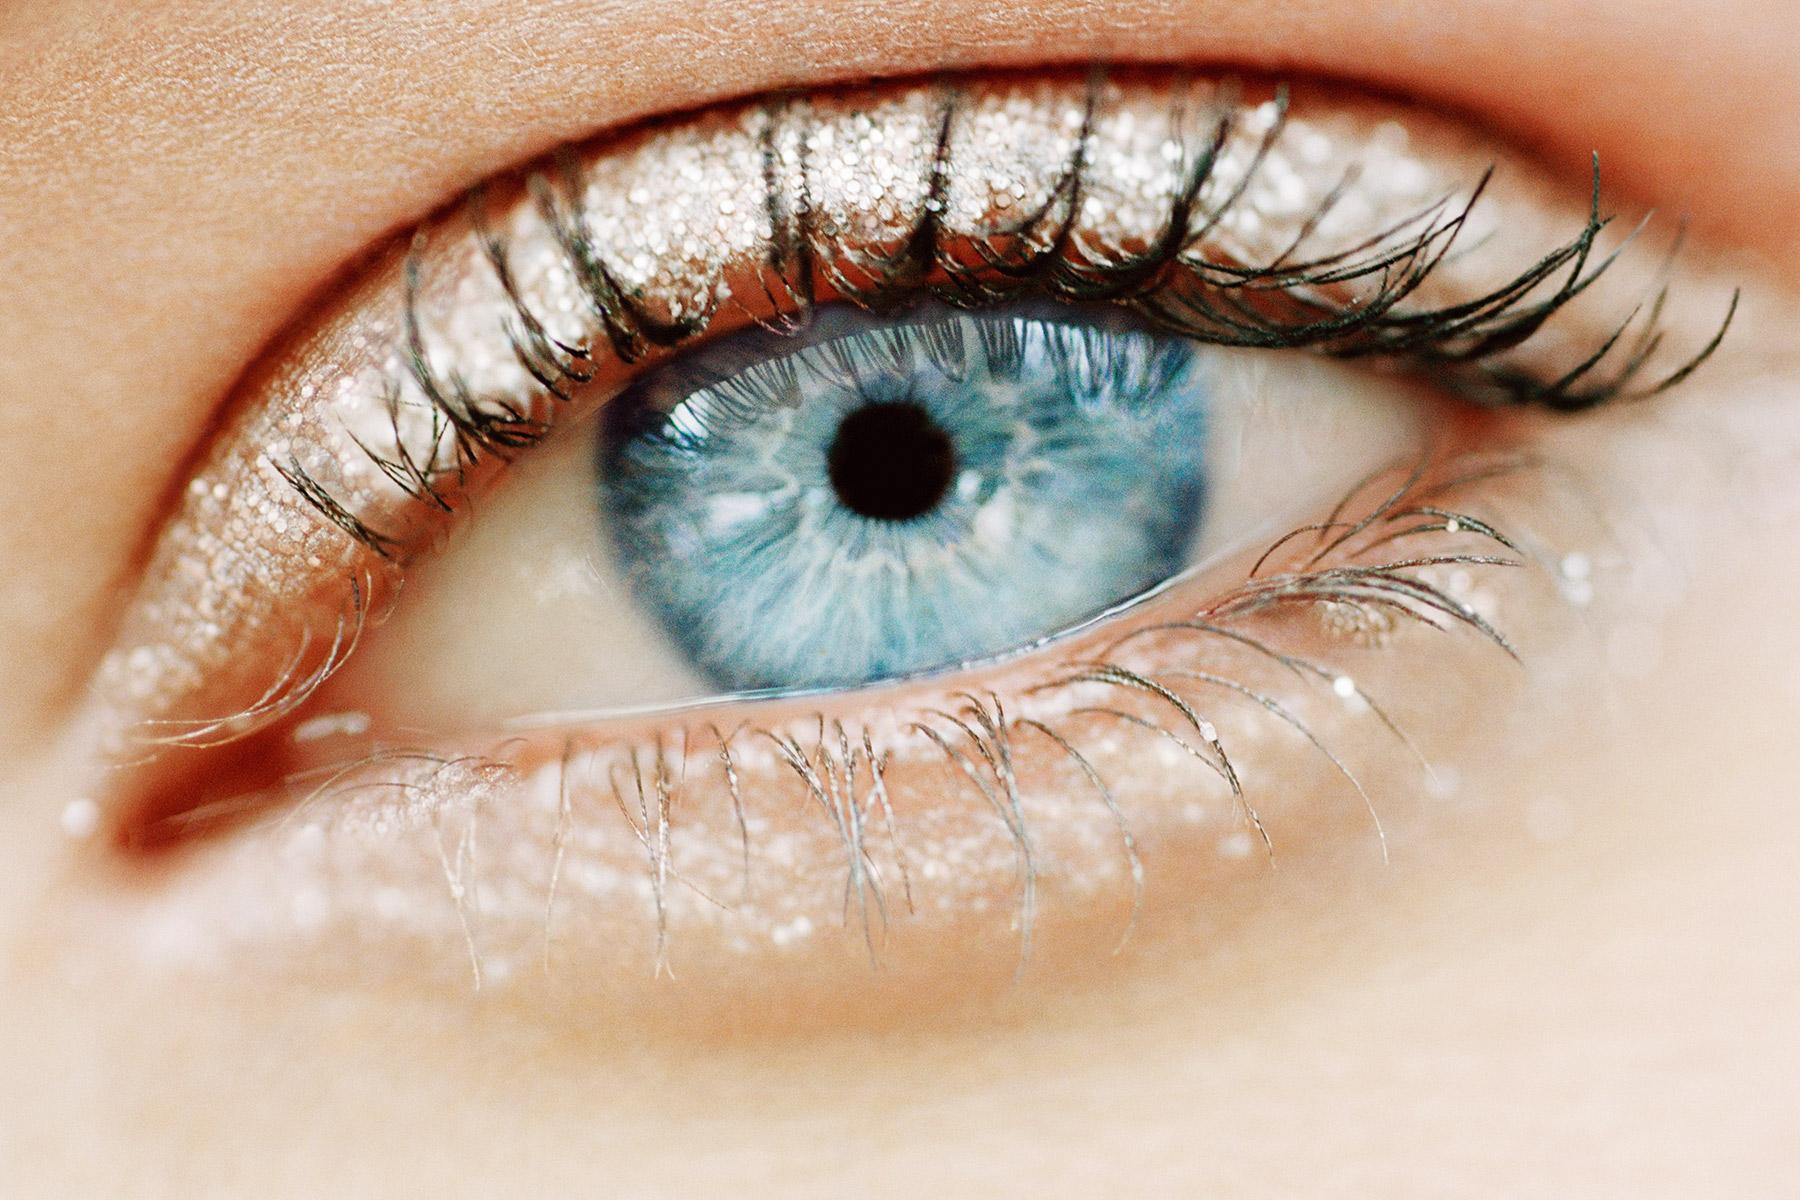 Καλή υγεία των ματιών: Τι να κάνετε για να έχετε υγιή μάτια [vid]